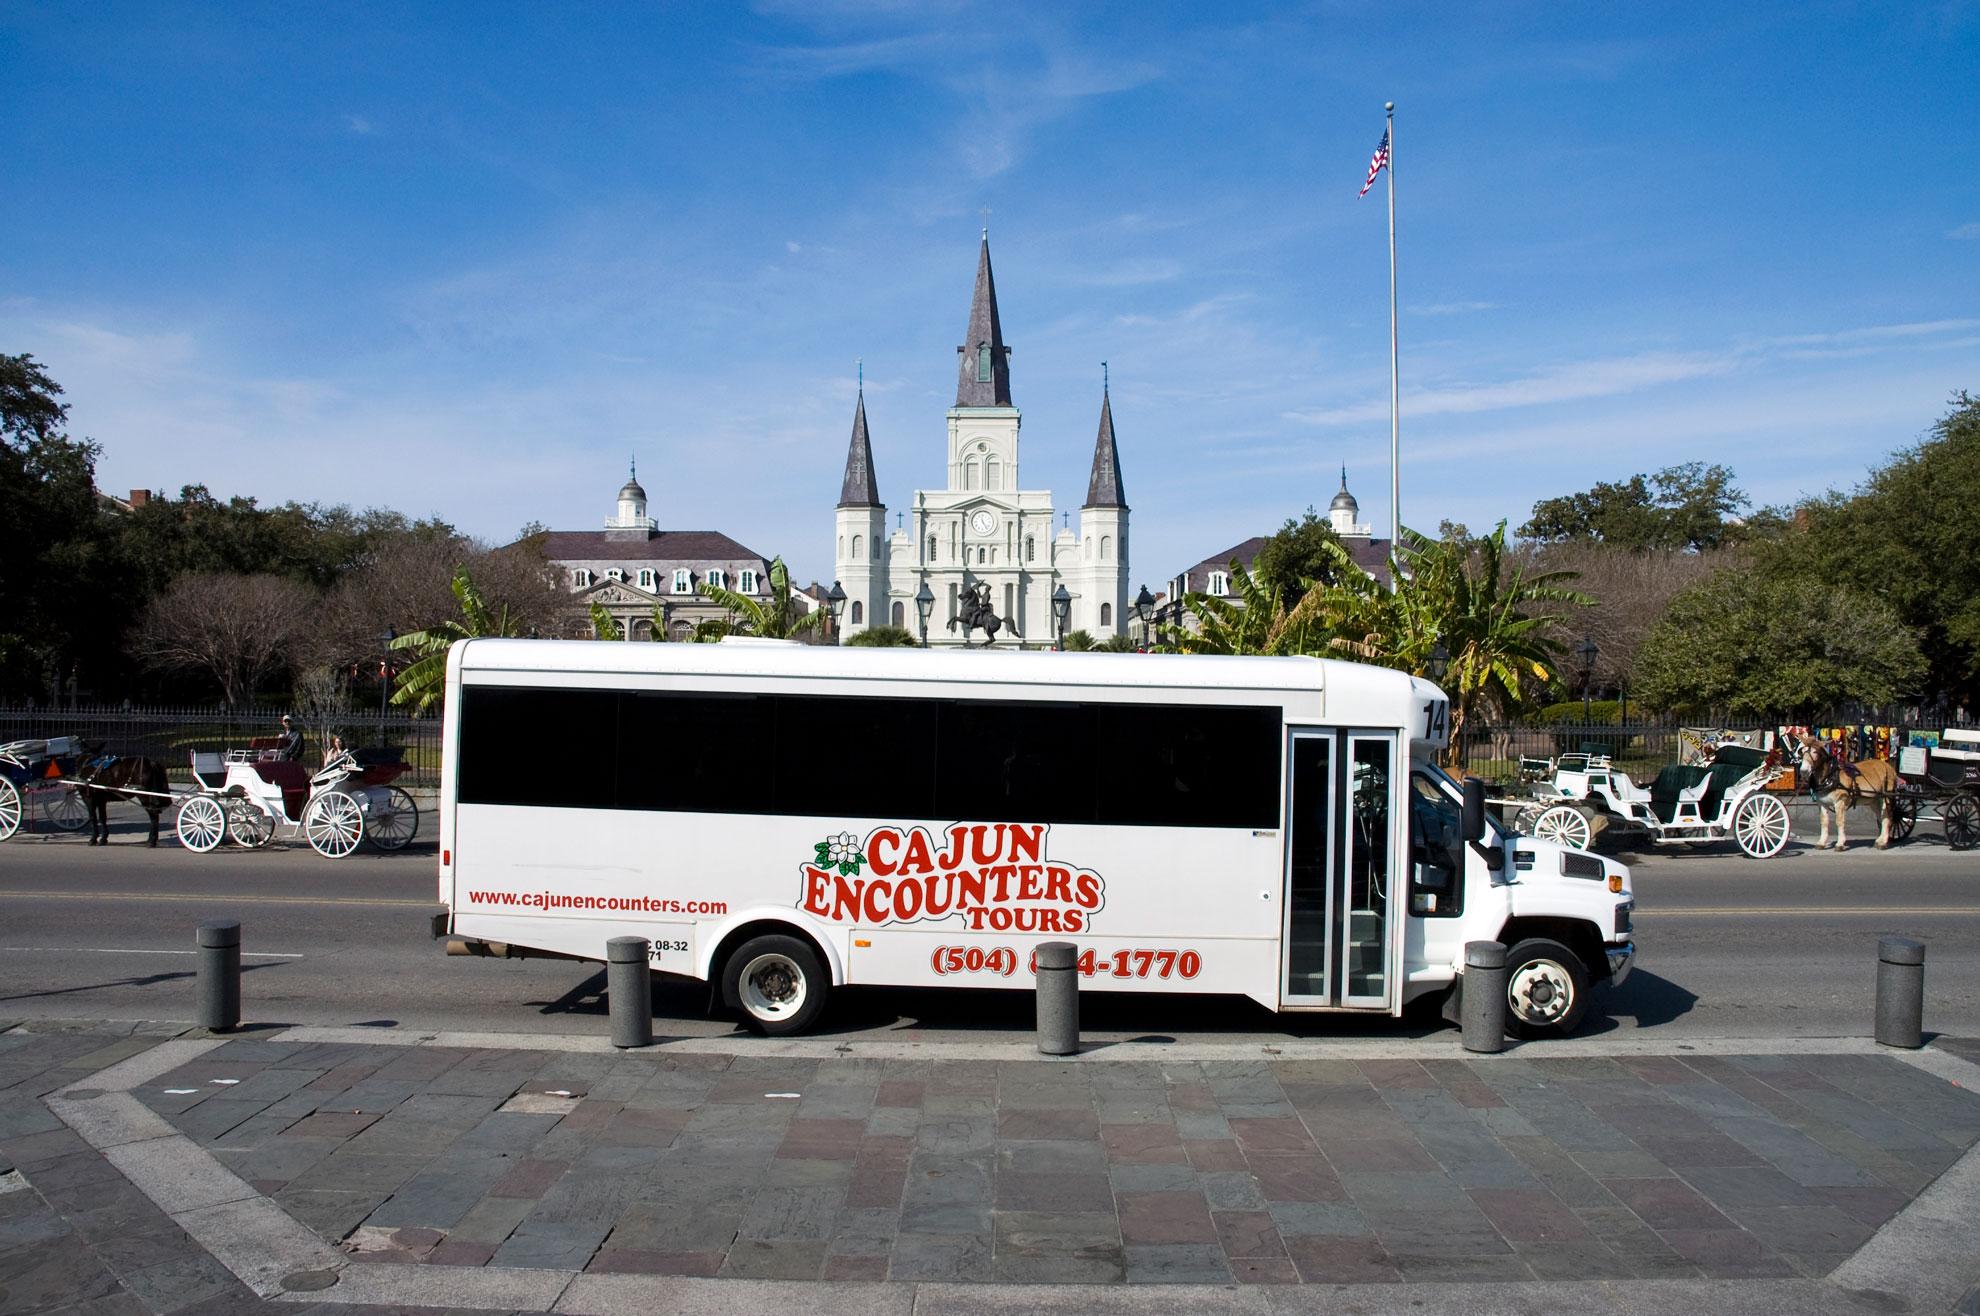 swamp tours new orleans Cajun Encounters